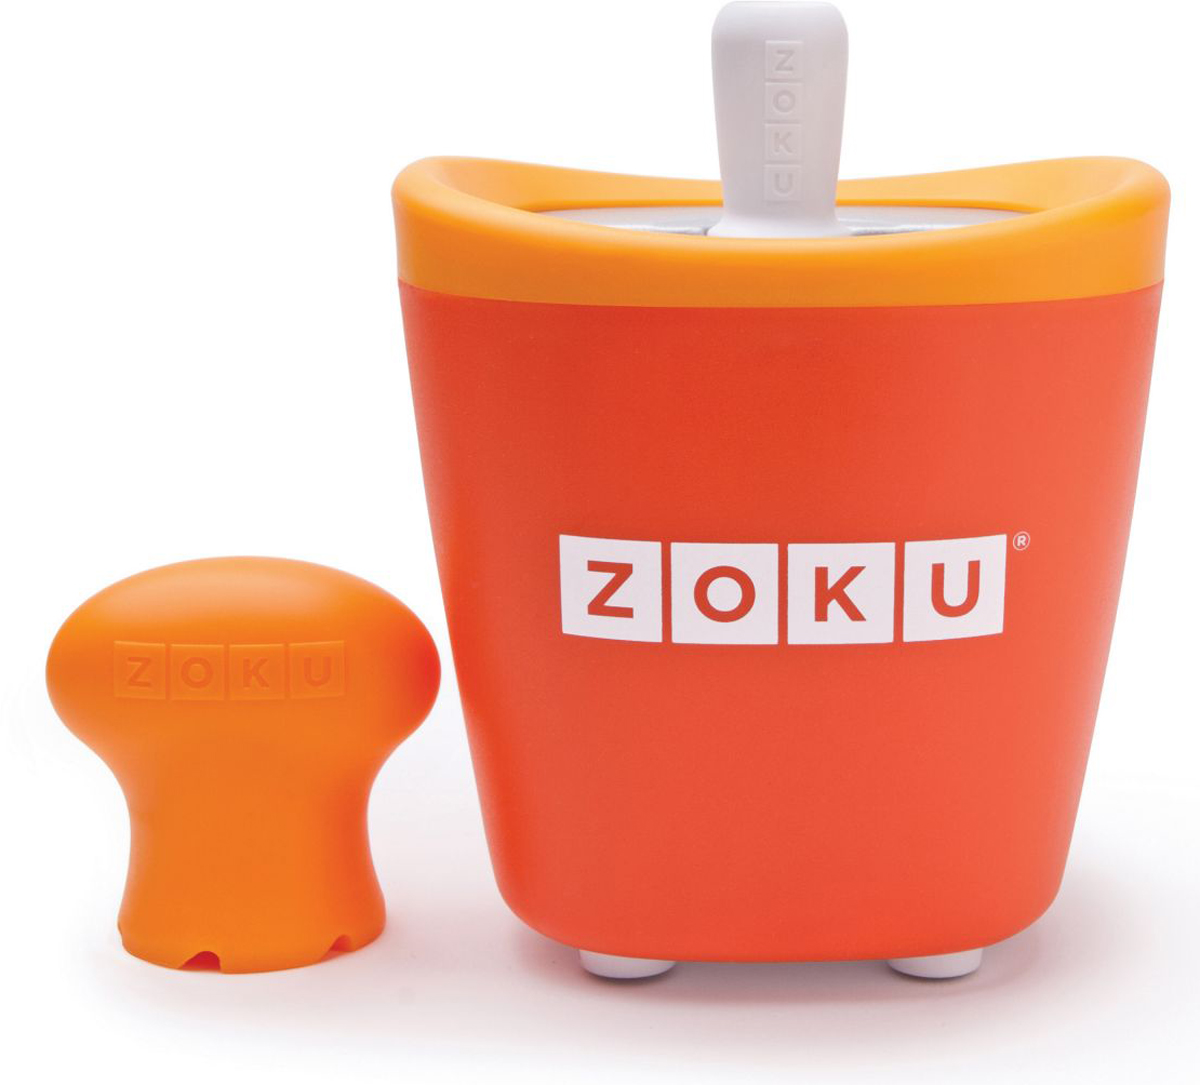 Набор для приготовления мороженого Zoku Single Quick Pop Maker, цвет: оранжевый, 60 мл6012GG03С компактной и удобной формой Quick Pop Maker можно приготовить домашний фруктовый лед из полностью натуральных ингредиентов. В набор помимо формы для мороженого входят три палочки, а к ним три небольших поддона для капель и съемная насадка. Как использовать: 1. Поместите пустую форму в морозильную камеру на 24 часа. Форма должна быть абсолютно сухой и располагаться вертикально. 2. Через сутки вытащите форму из морозилки и вставьте в нее палочки. Залейте охлажденный сок в емкость до отметки. Через 7-10 минут фруктовый лед готов. 3. Поместите съемную насадку на палочку и закрутите по часовой стрелке до упора. Когда ручка начнет свободно крутиться, смените направление и откручивайте против часовой стрелки, чтобы вытащить мороженое из формы.Объем емкости - 60 мл. Форма не содержит вредных примесей и бисфенола-А. Устройство работает без электричества и позволяет приготовить до 3 порций от одной заморозки. Моется вручную. Не используйте простую и газированную воду или полностью пресные напитки без сахара в приборе Quick Pop. В результате использования воды или напитков без сахара будет крайне тяжело достать продукт из прибора, а также можно повредить насадку или палочку.